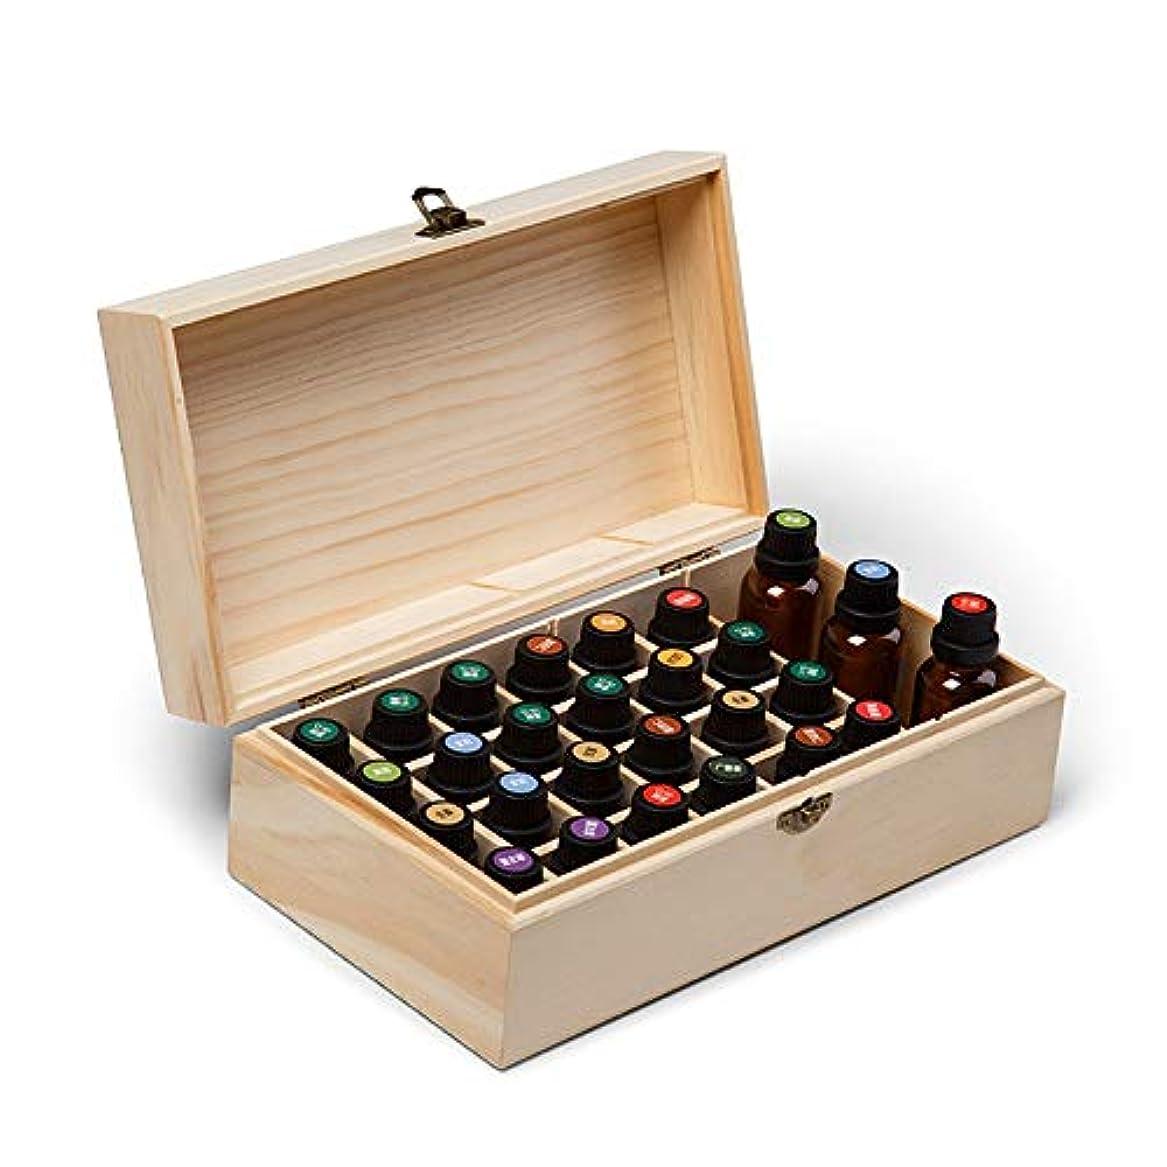 言い聞かせる作り上げる最終的にエッセンシャルオイルの保管 エッセンシャルオイル木箱油収納ケースは、25本のボトルナチュラルパインを開催します (色 : Natural, サイズ : 27X15X10CM)